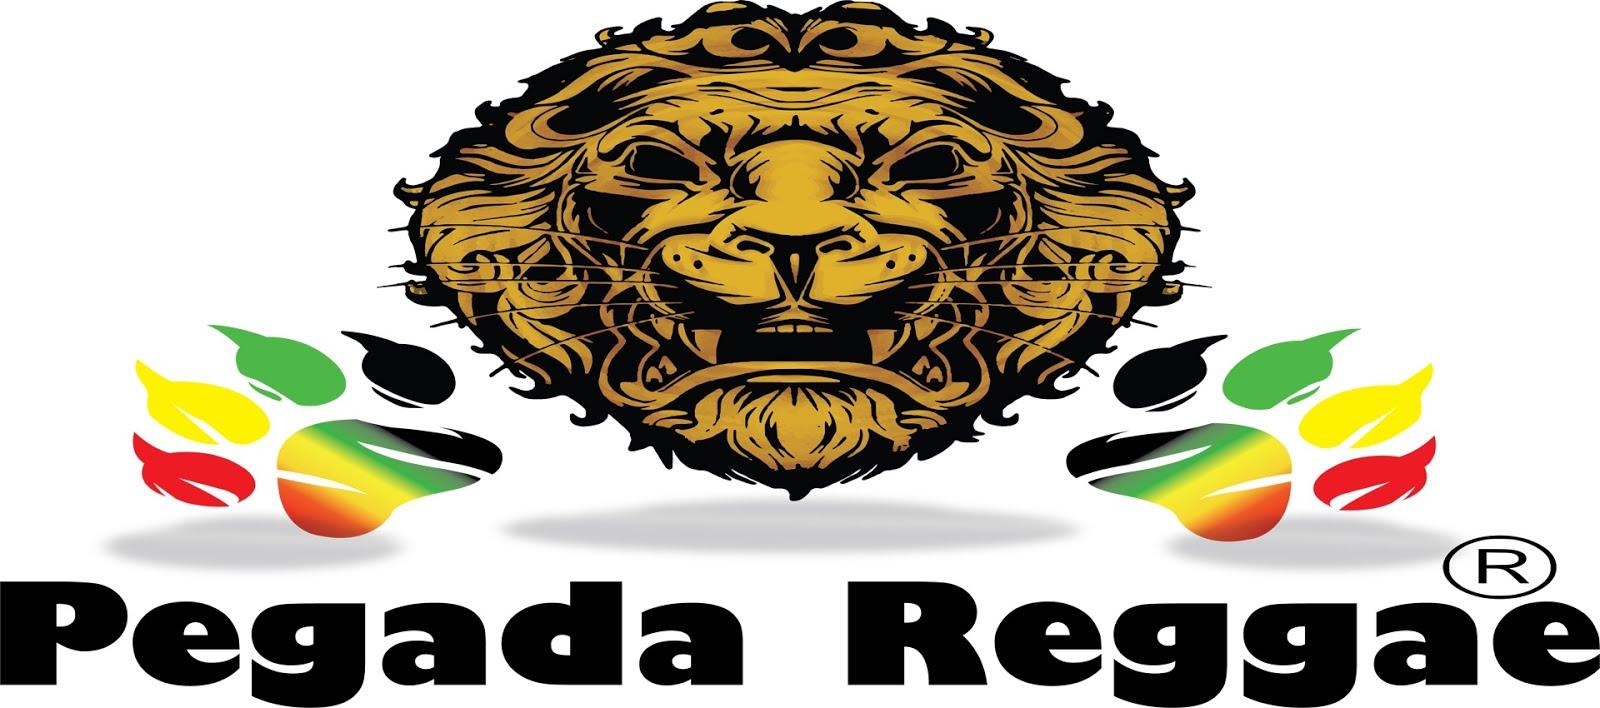 Pegada Reggae